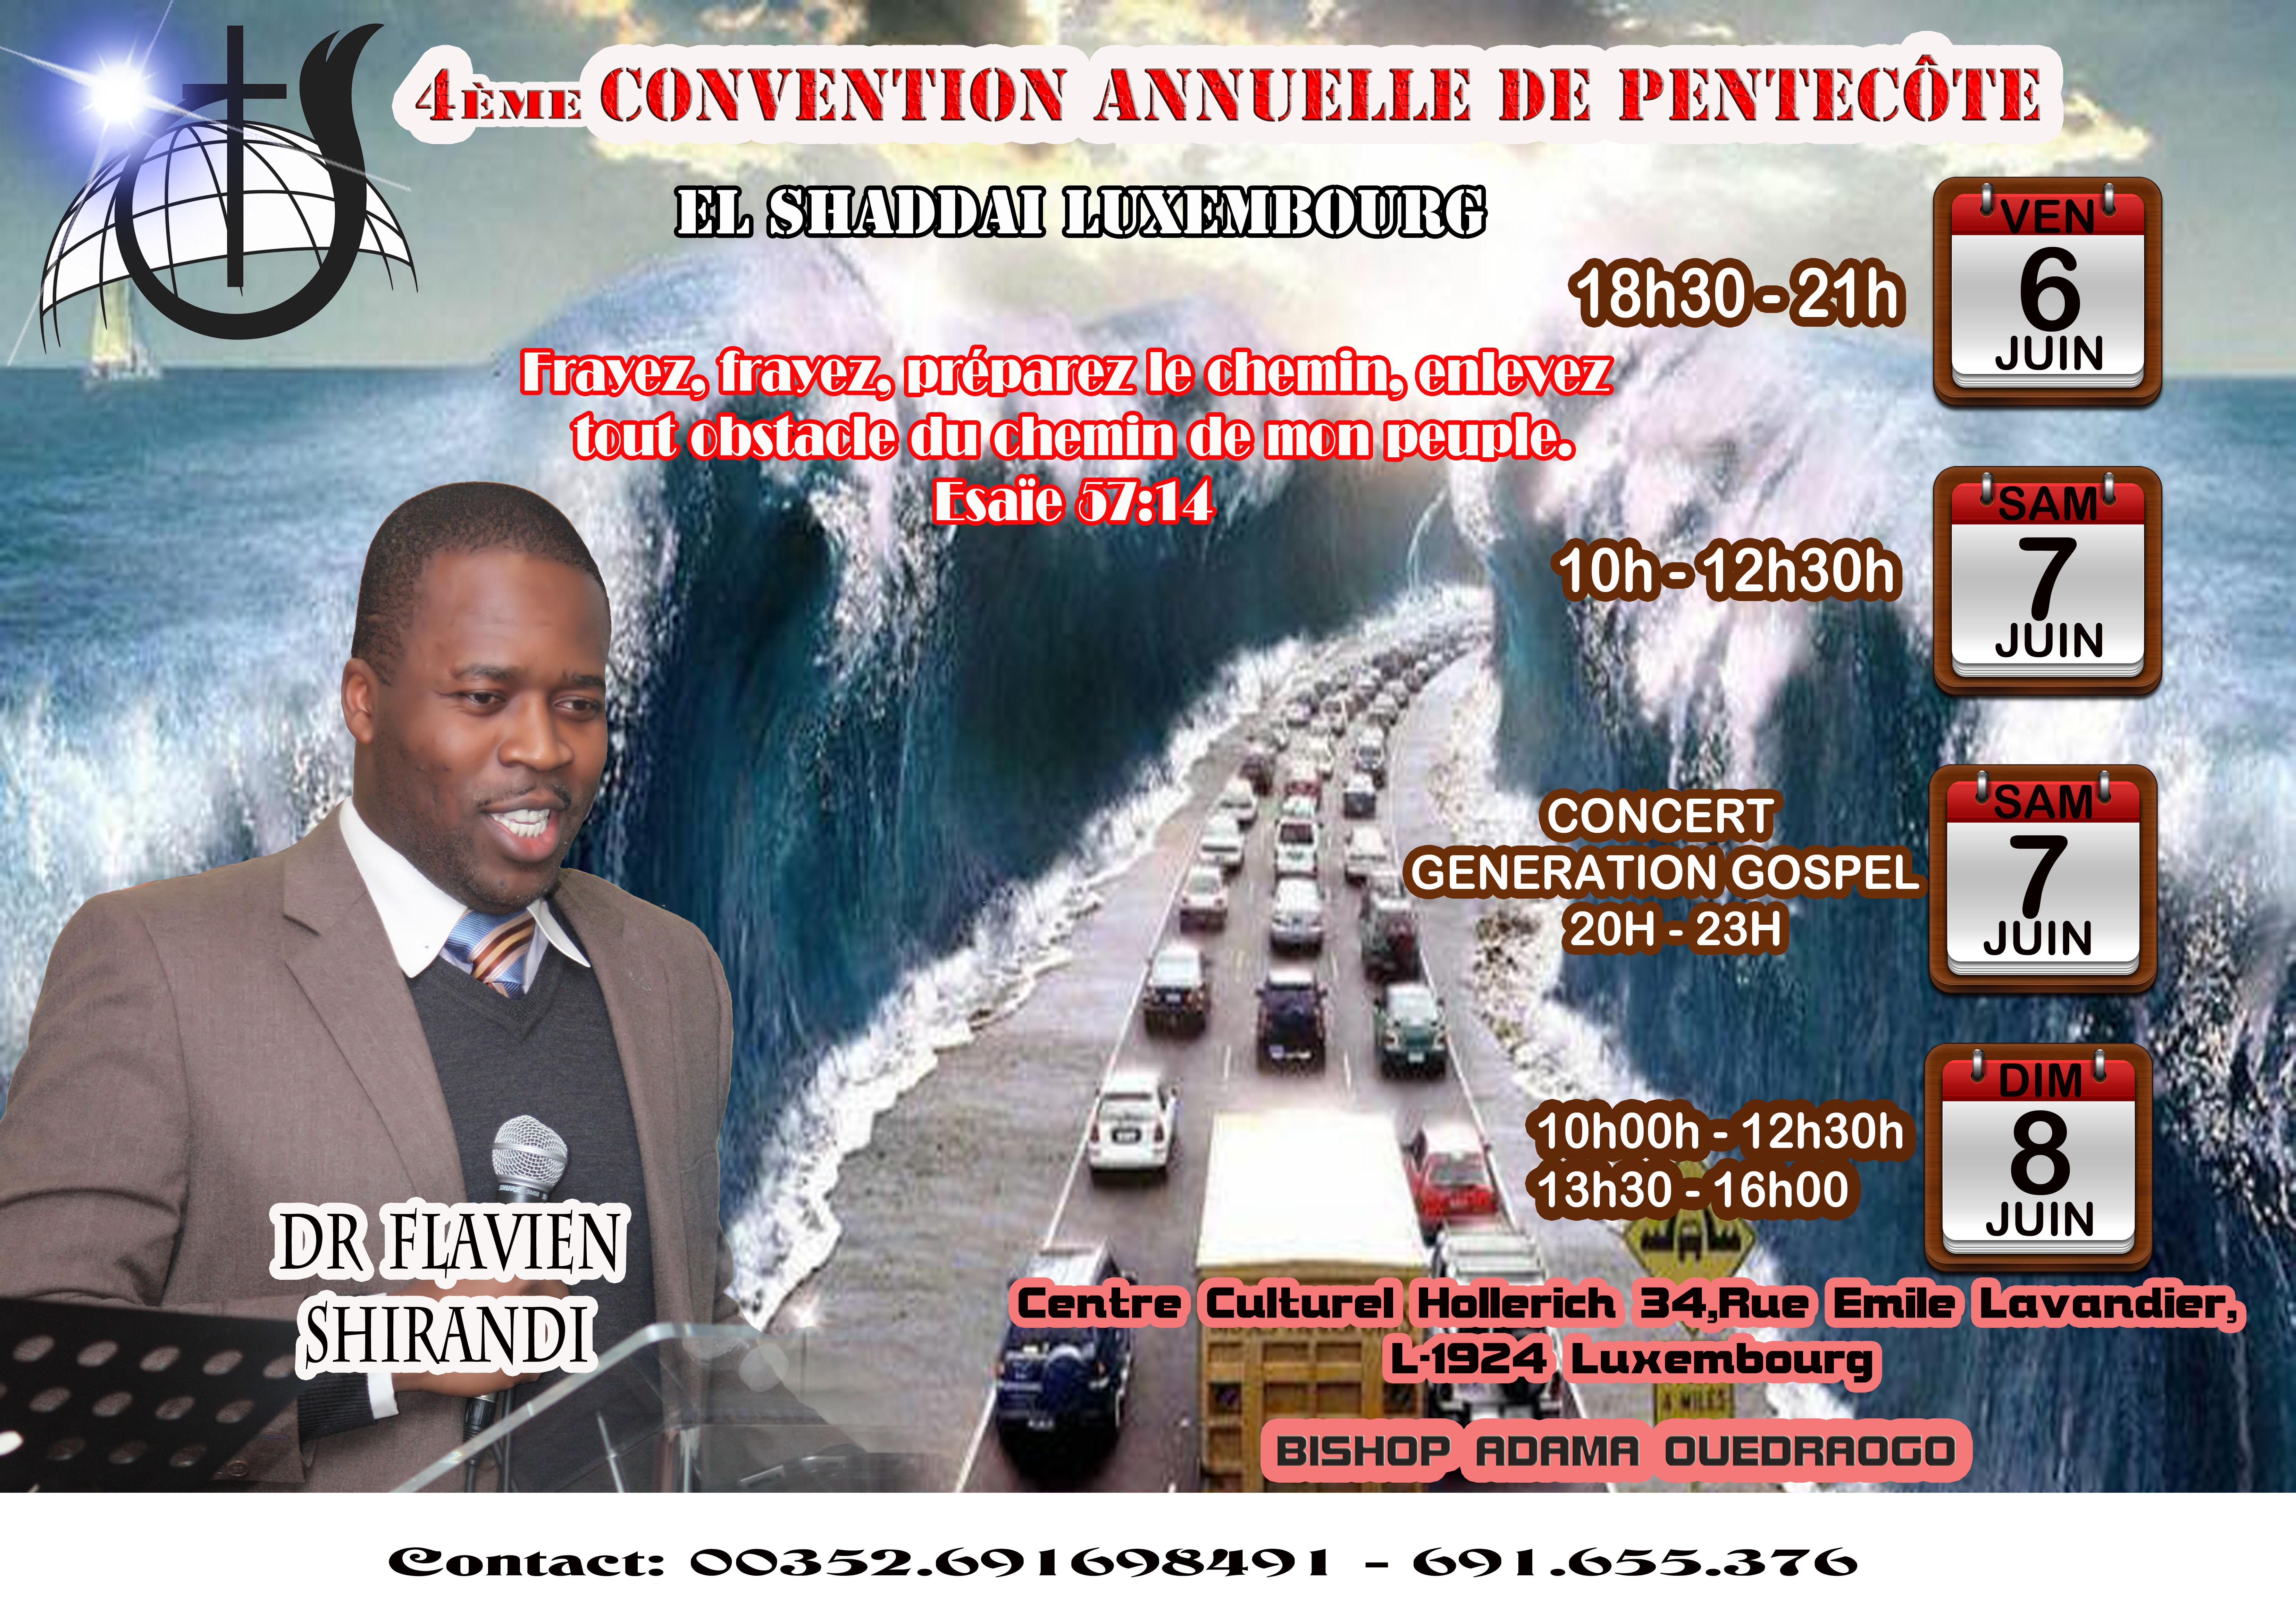 Convention annuelle de pentecôte